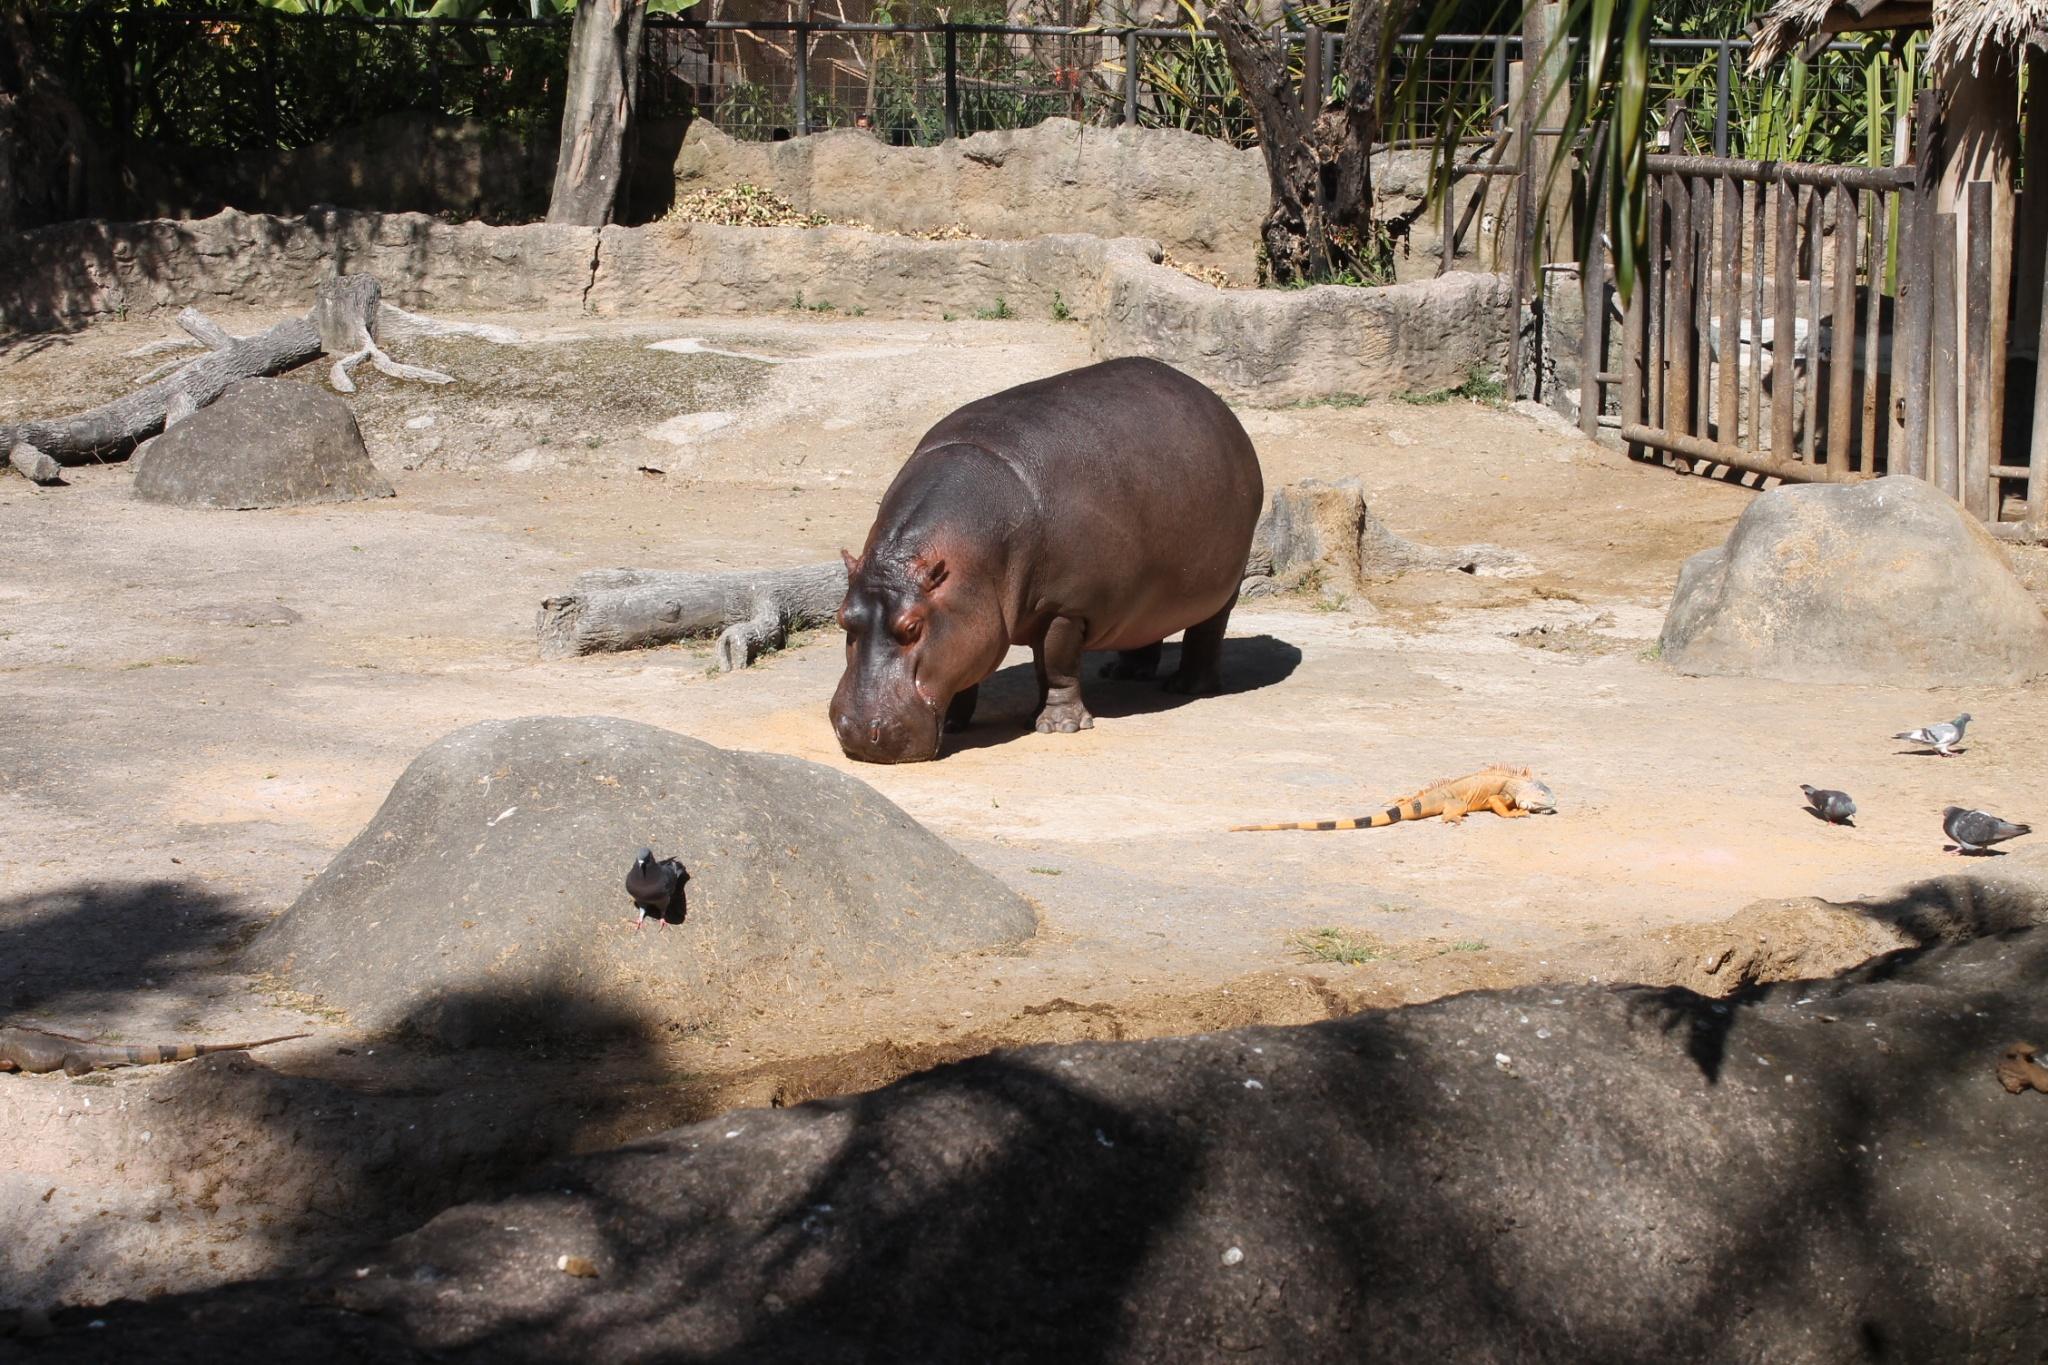 Hippo at Zoo La aurora Guatemala